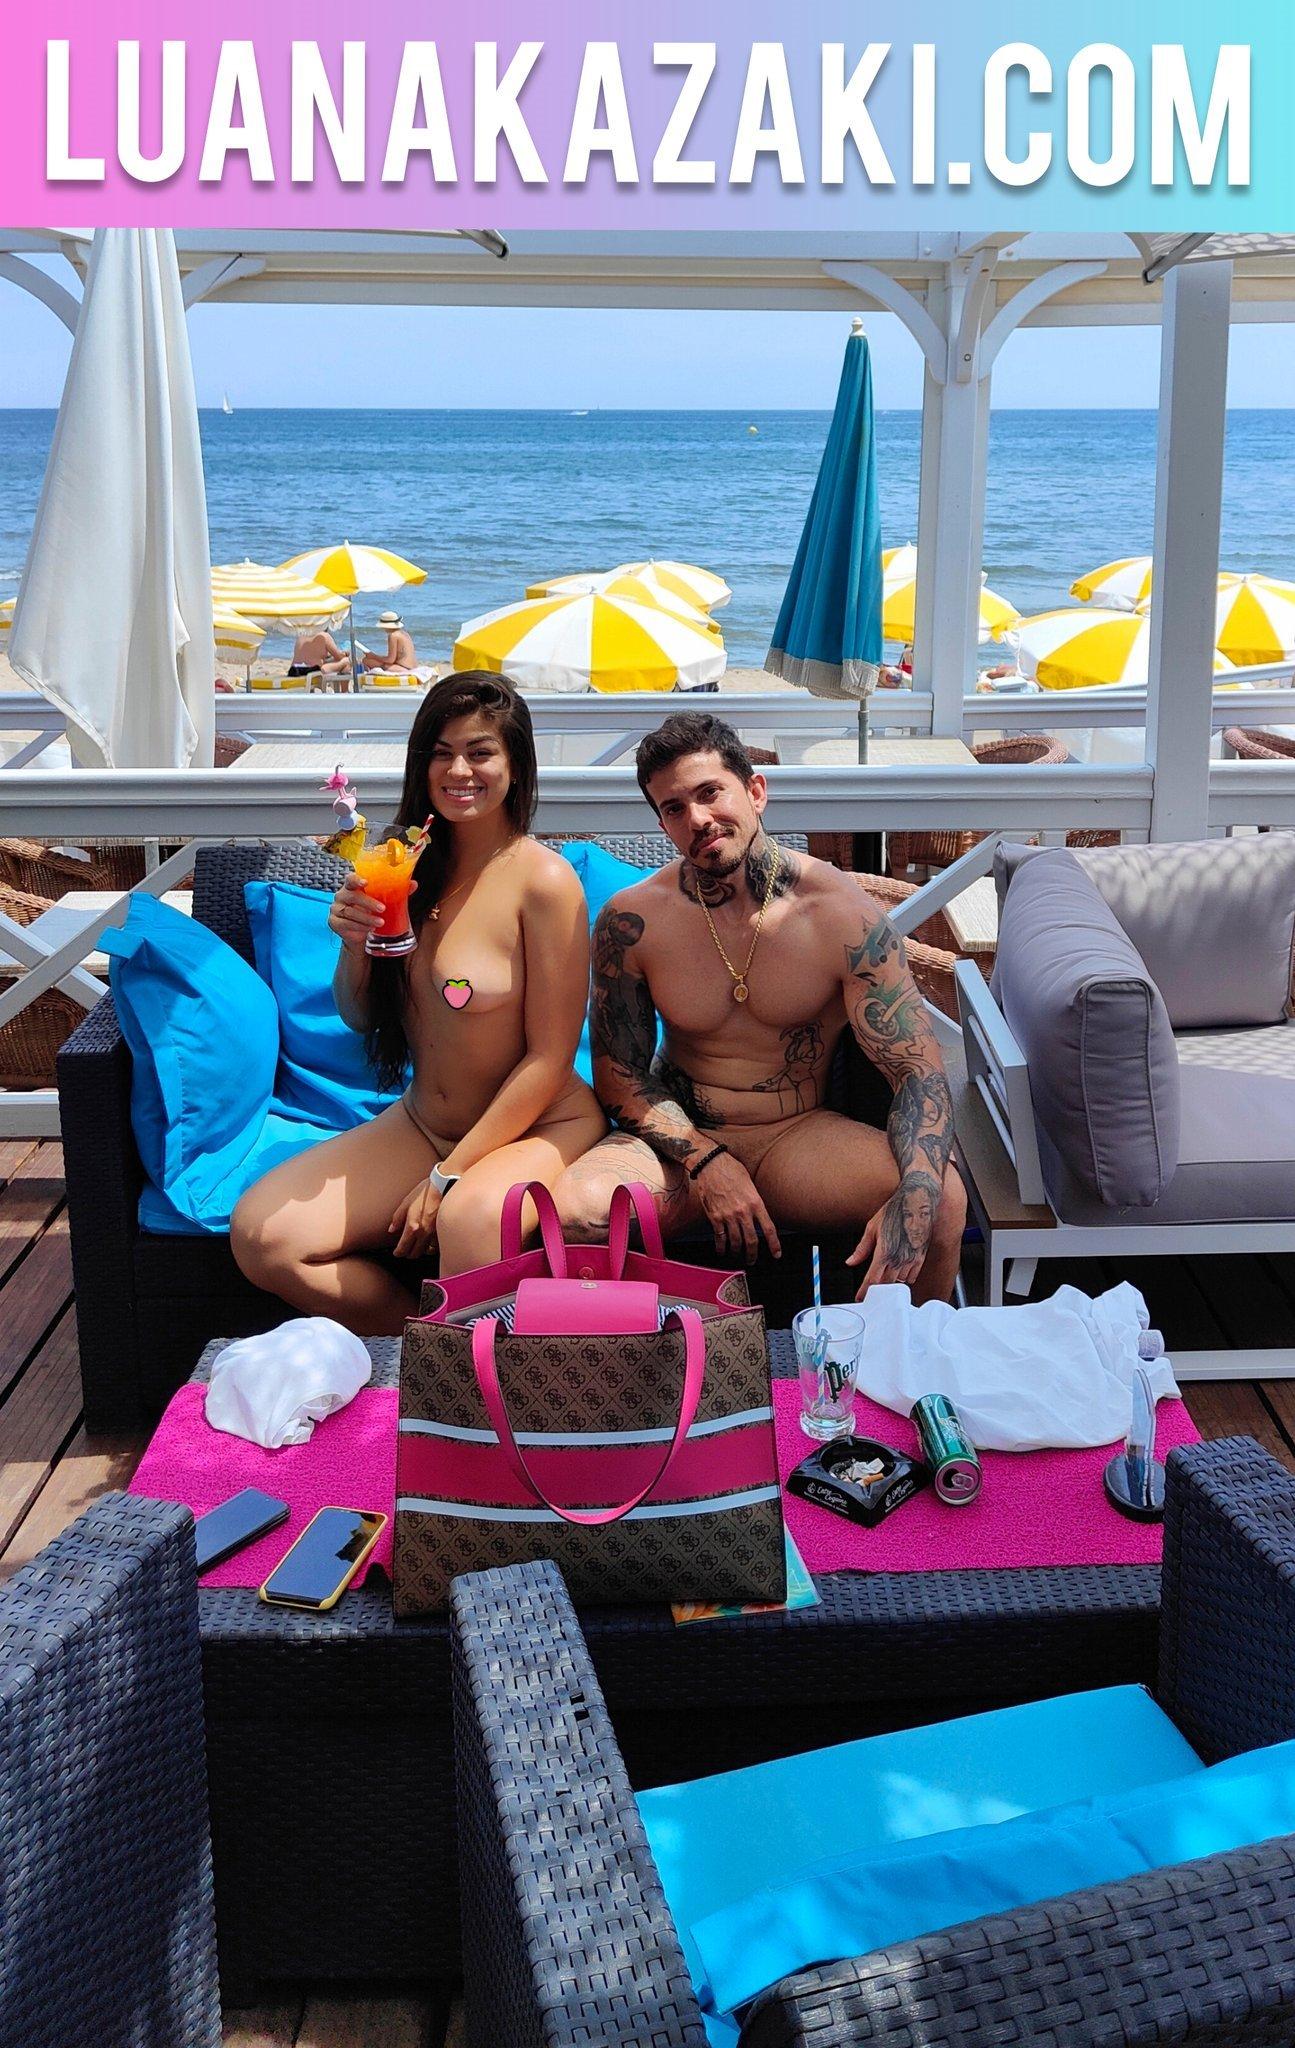 【上車】新婚夫妻《Luana Kazaki》世界最自由「裸體城市」度蜜月!疫情下全裸爽拍片!